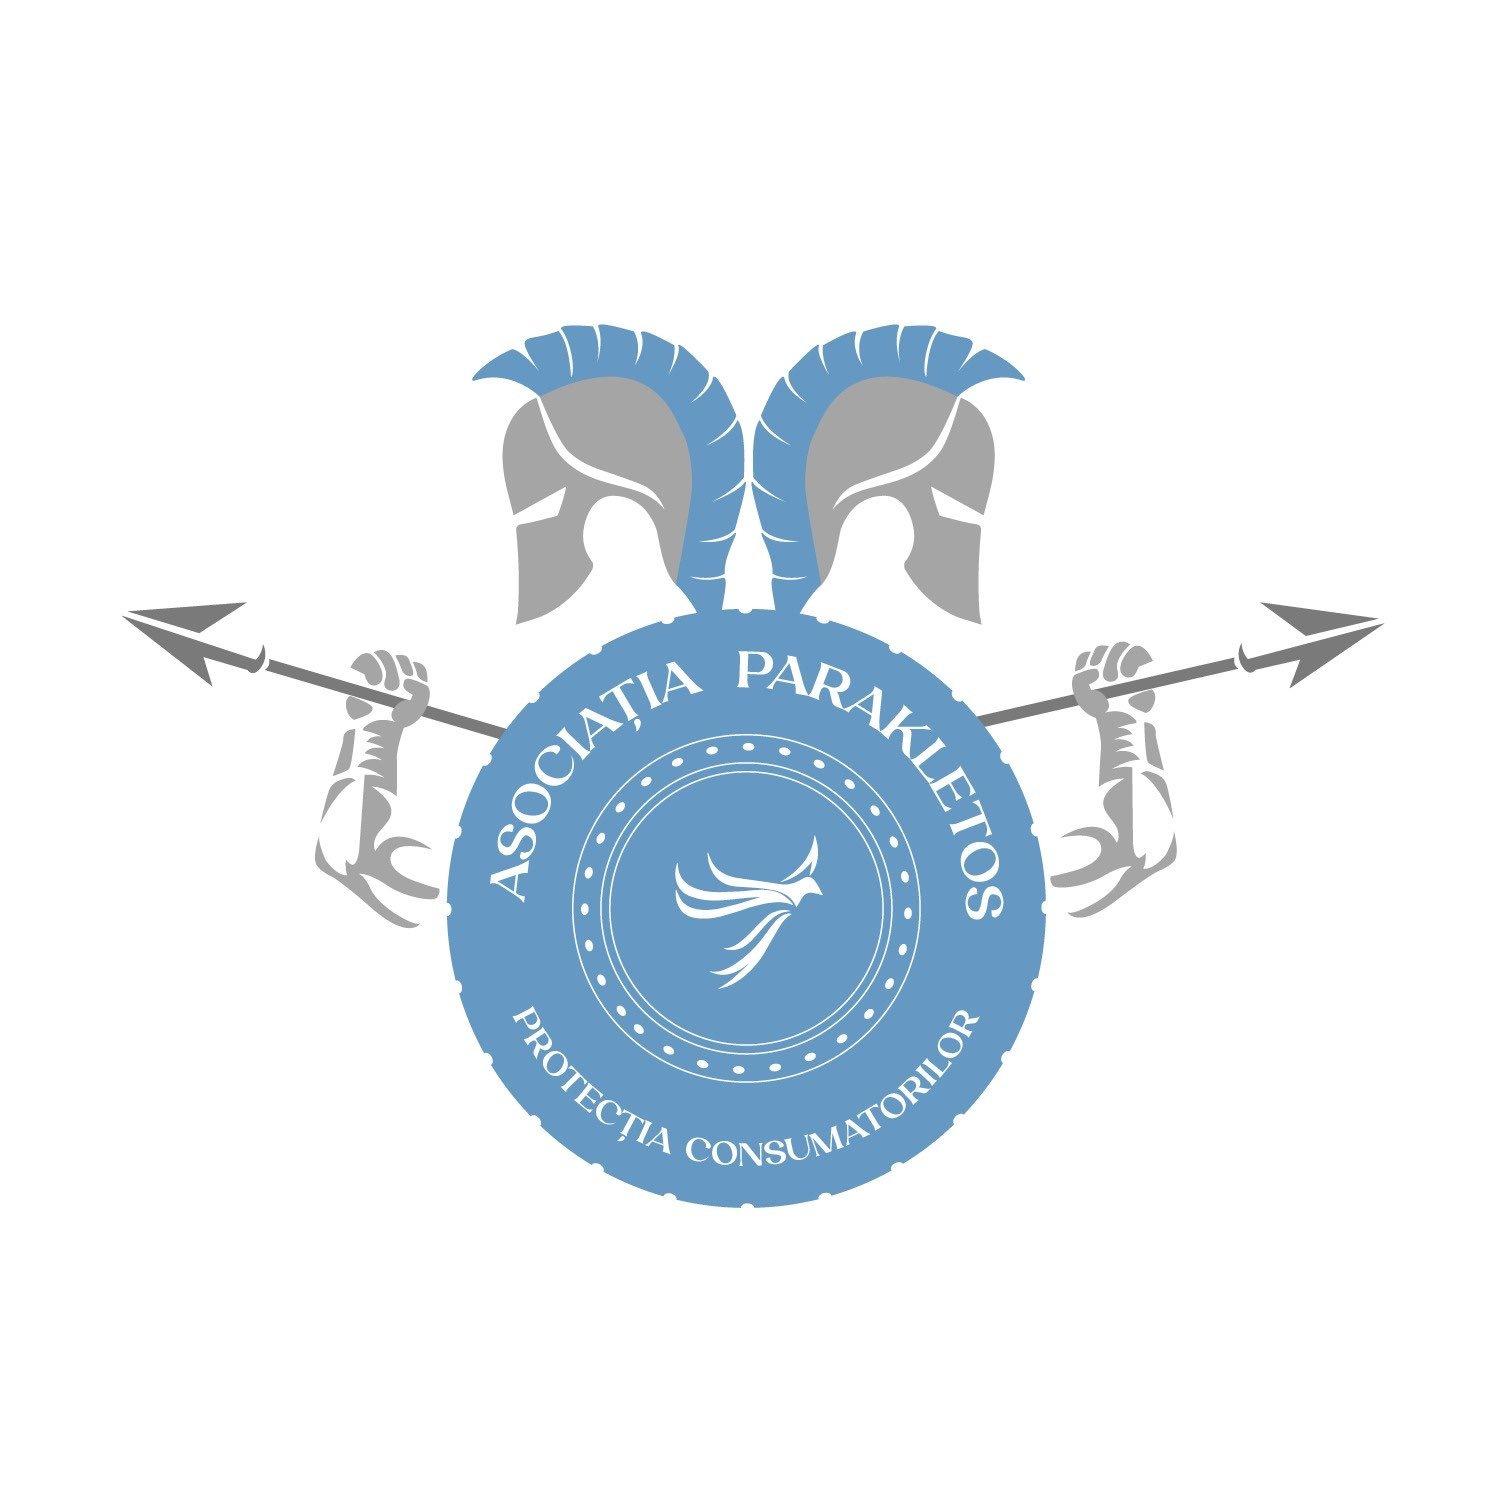 ASOCIATIA PARAKLETOS logo